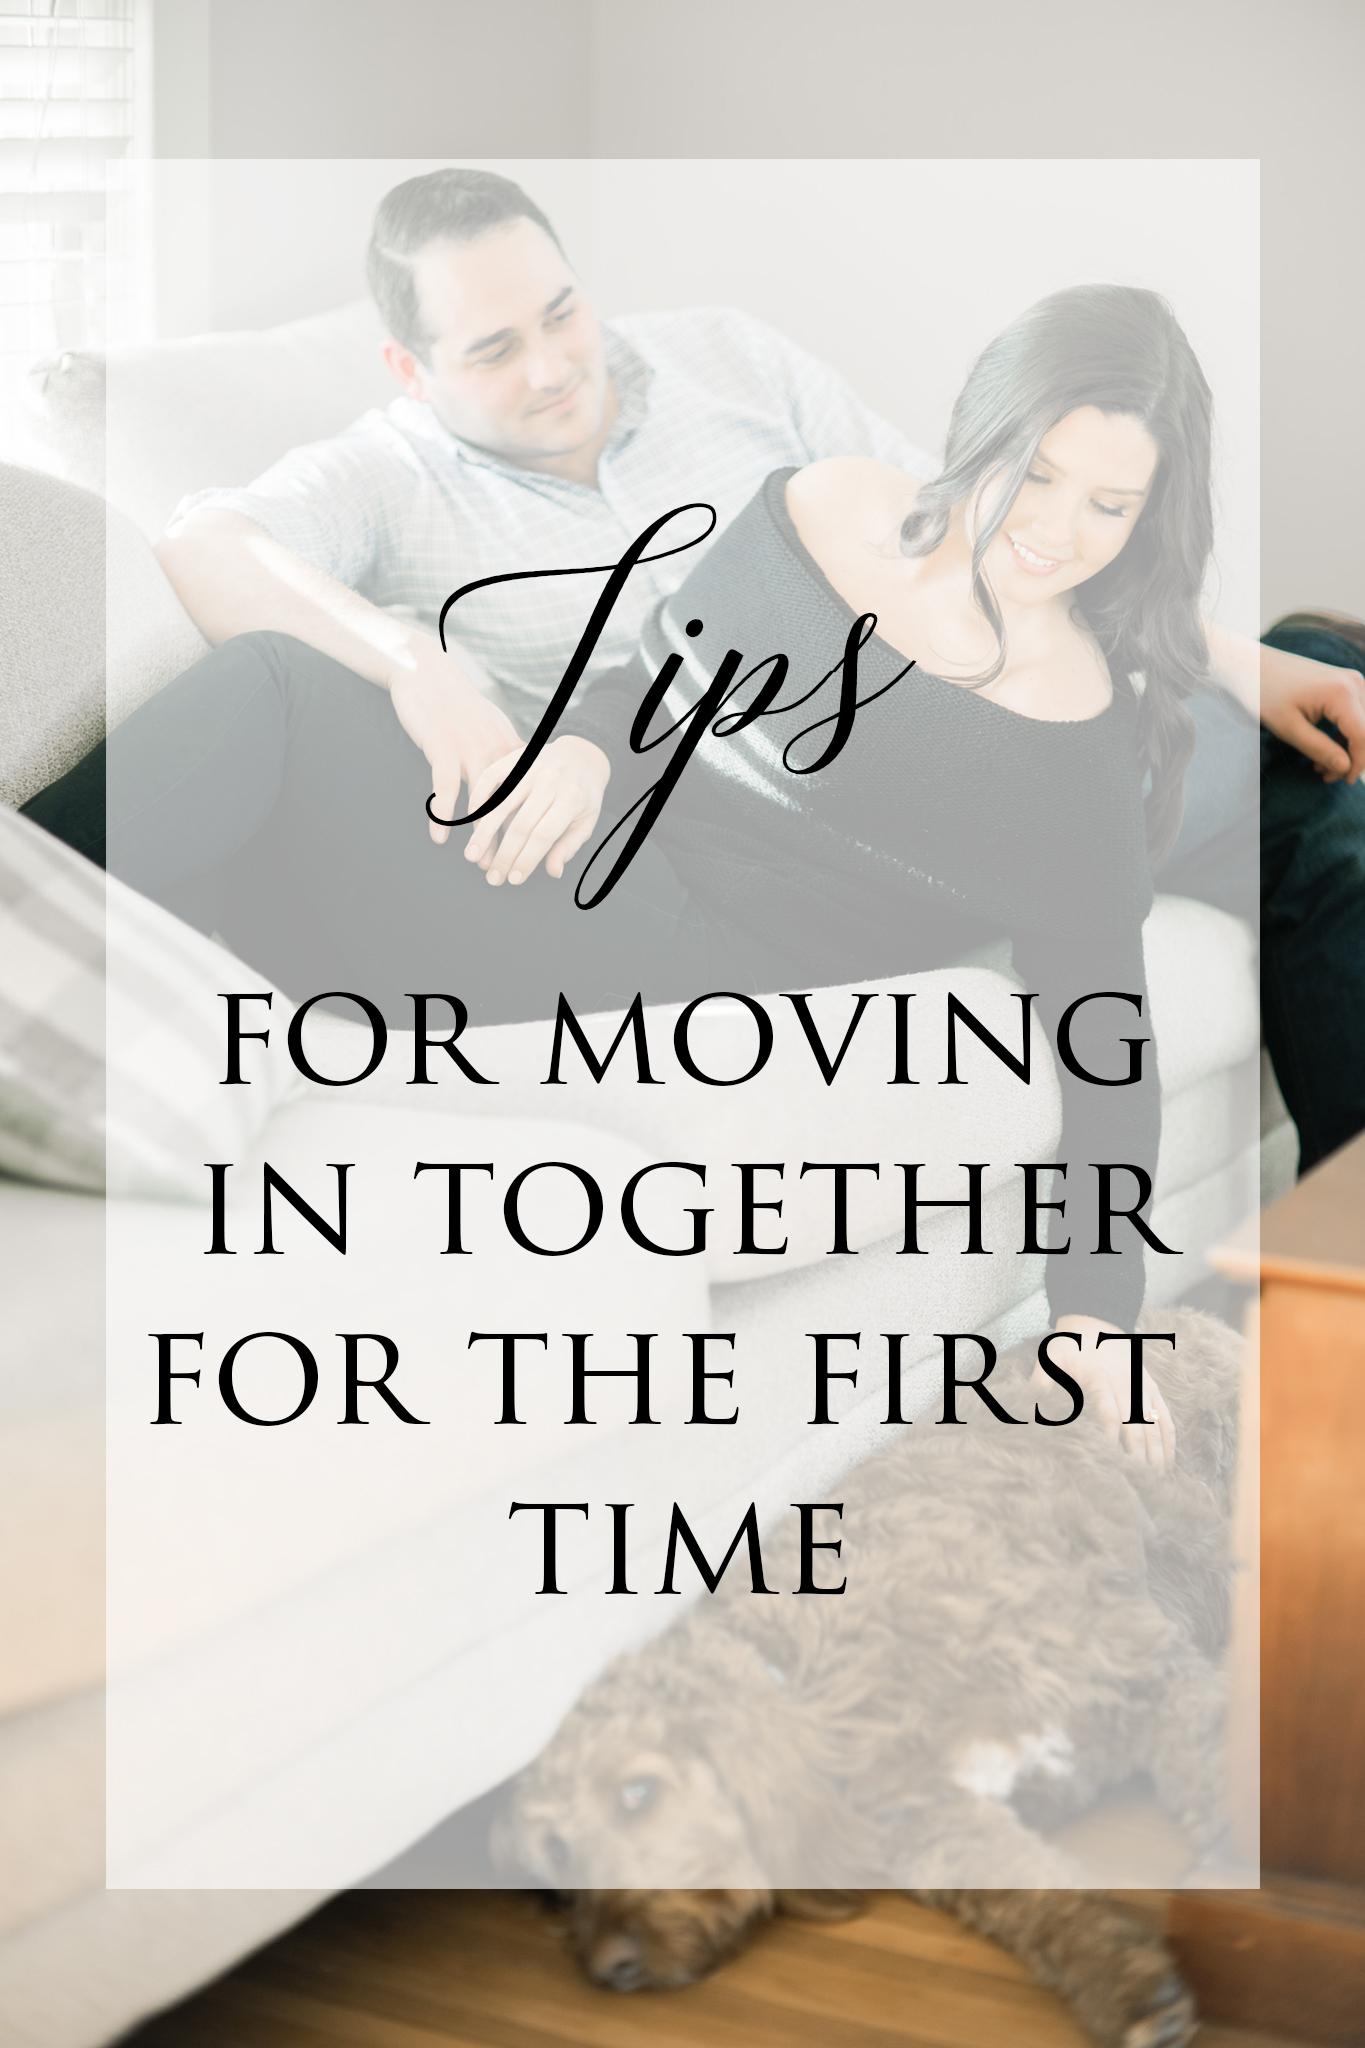 Tips-for-moving-in-overlay-overlay-wamer-1.jpg